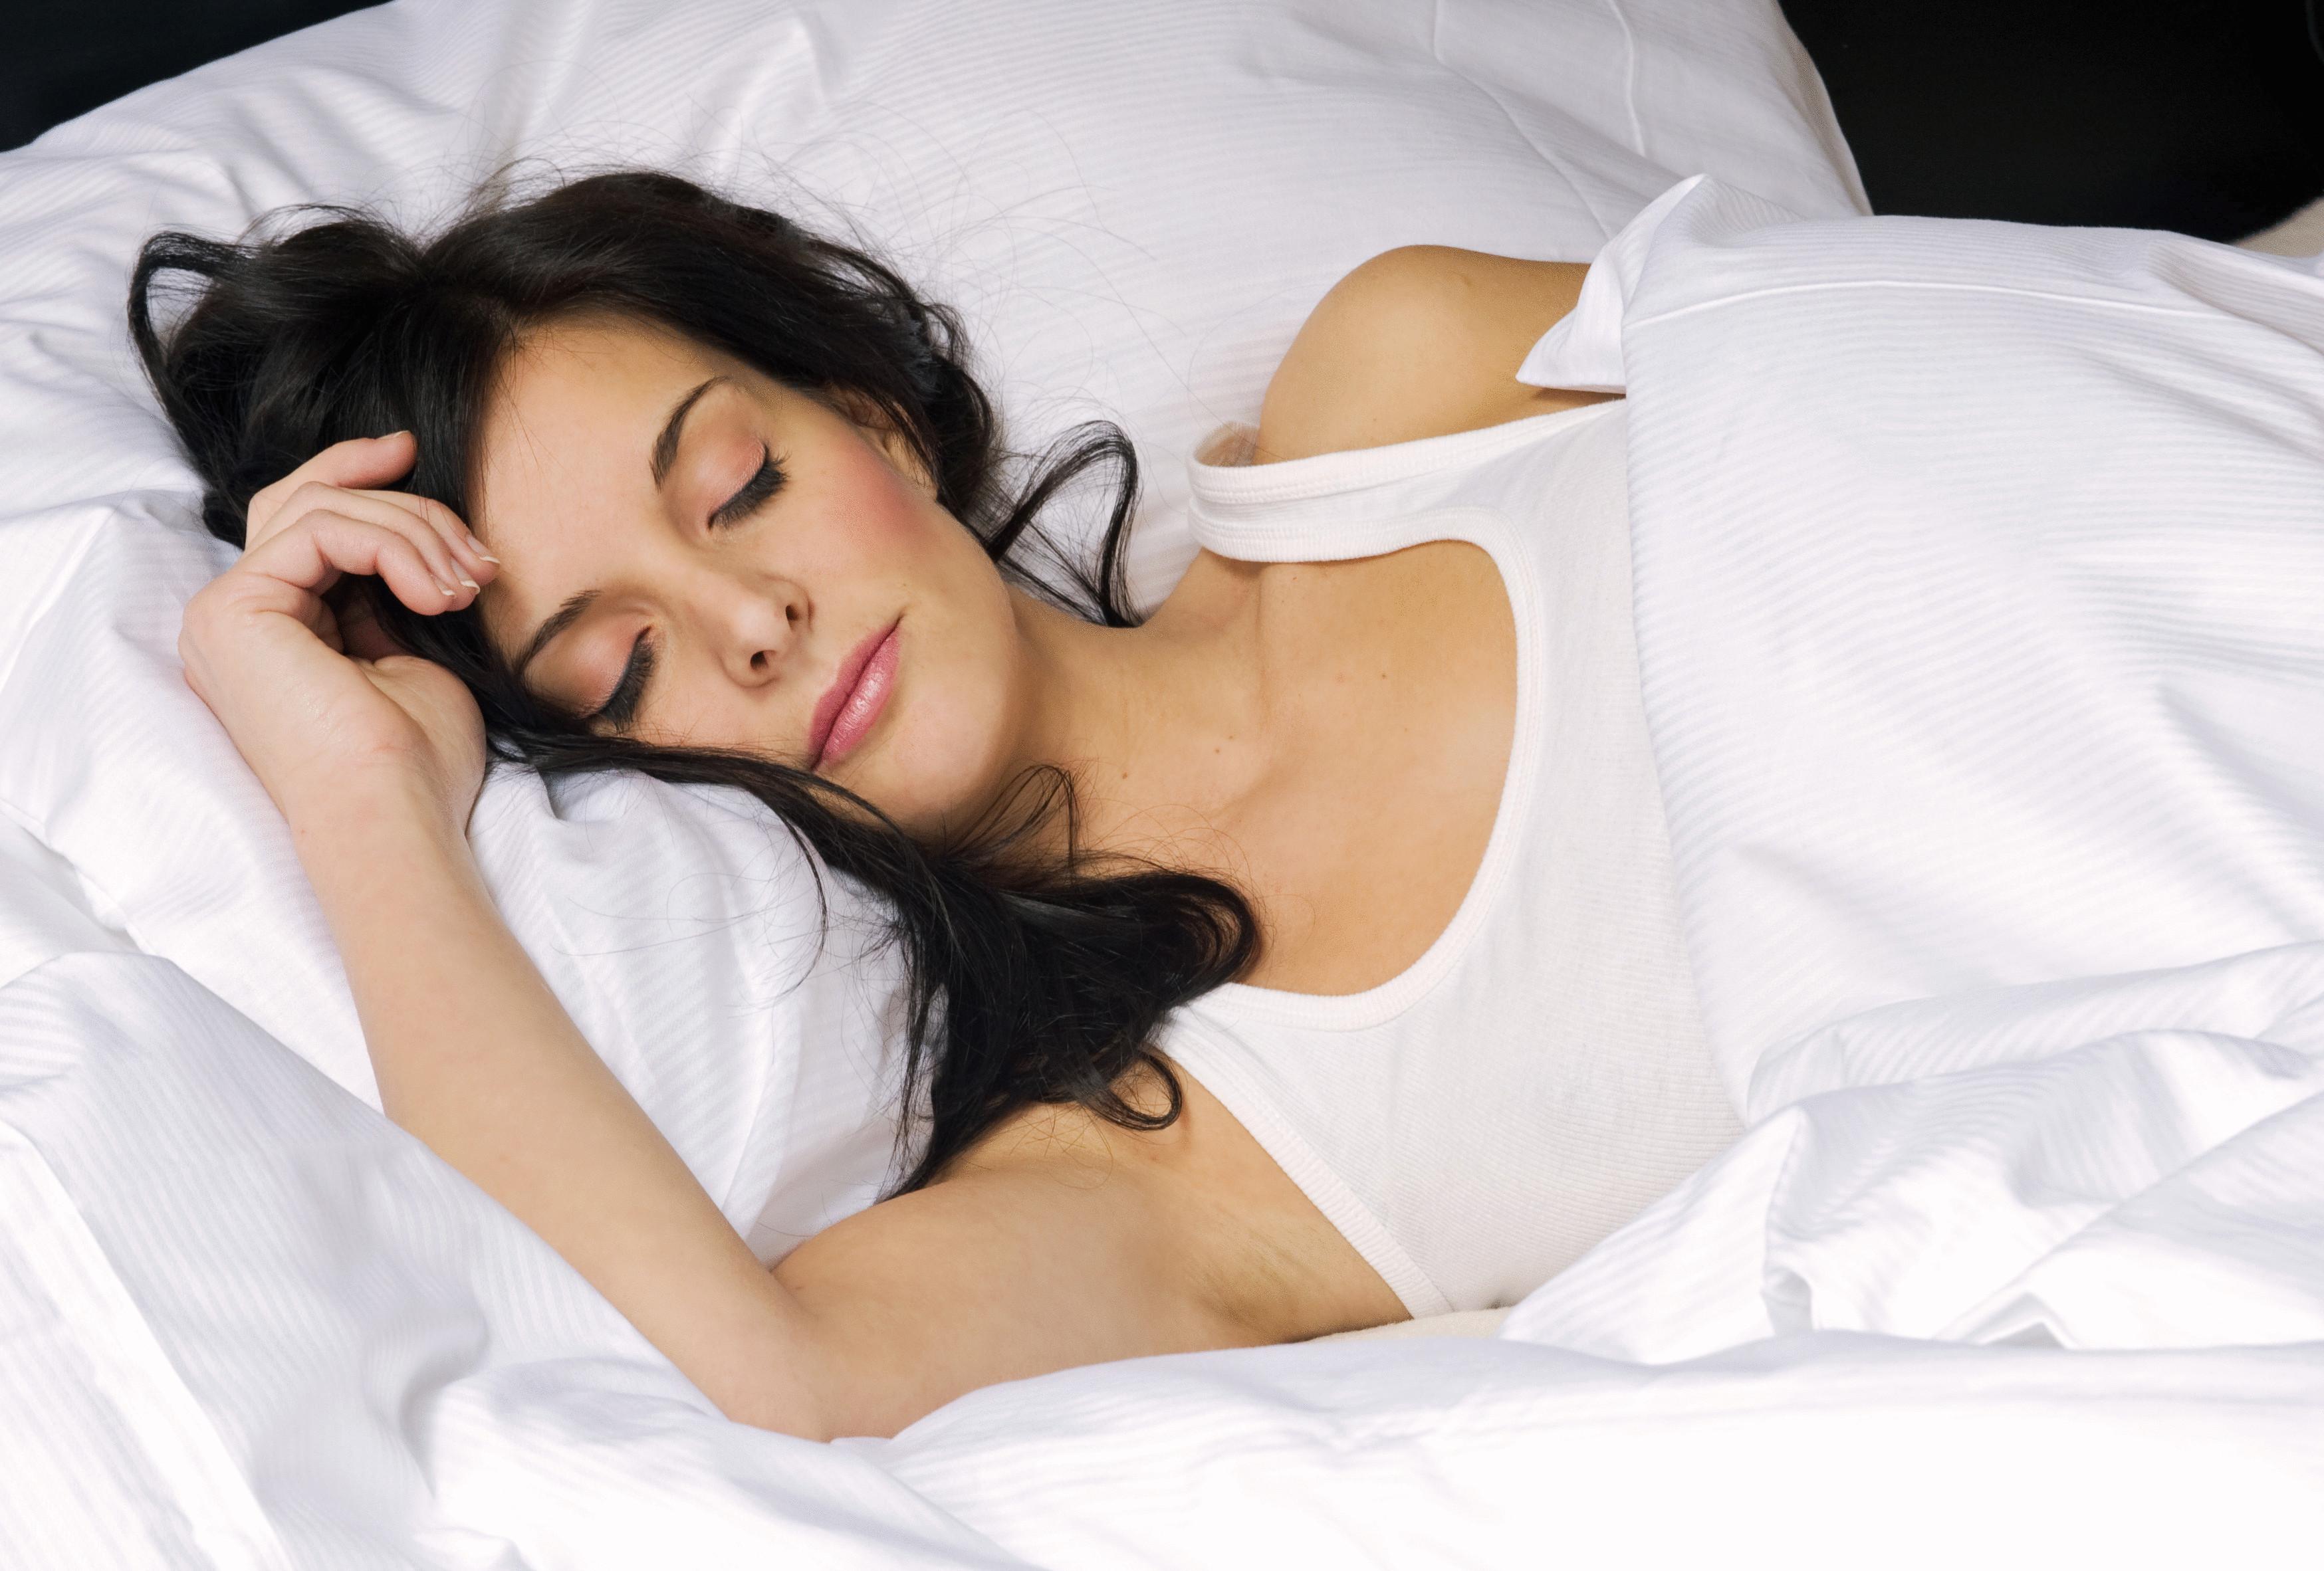 Что означают сексуальные сны 9 фотография